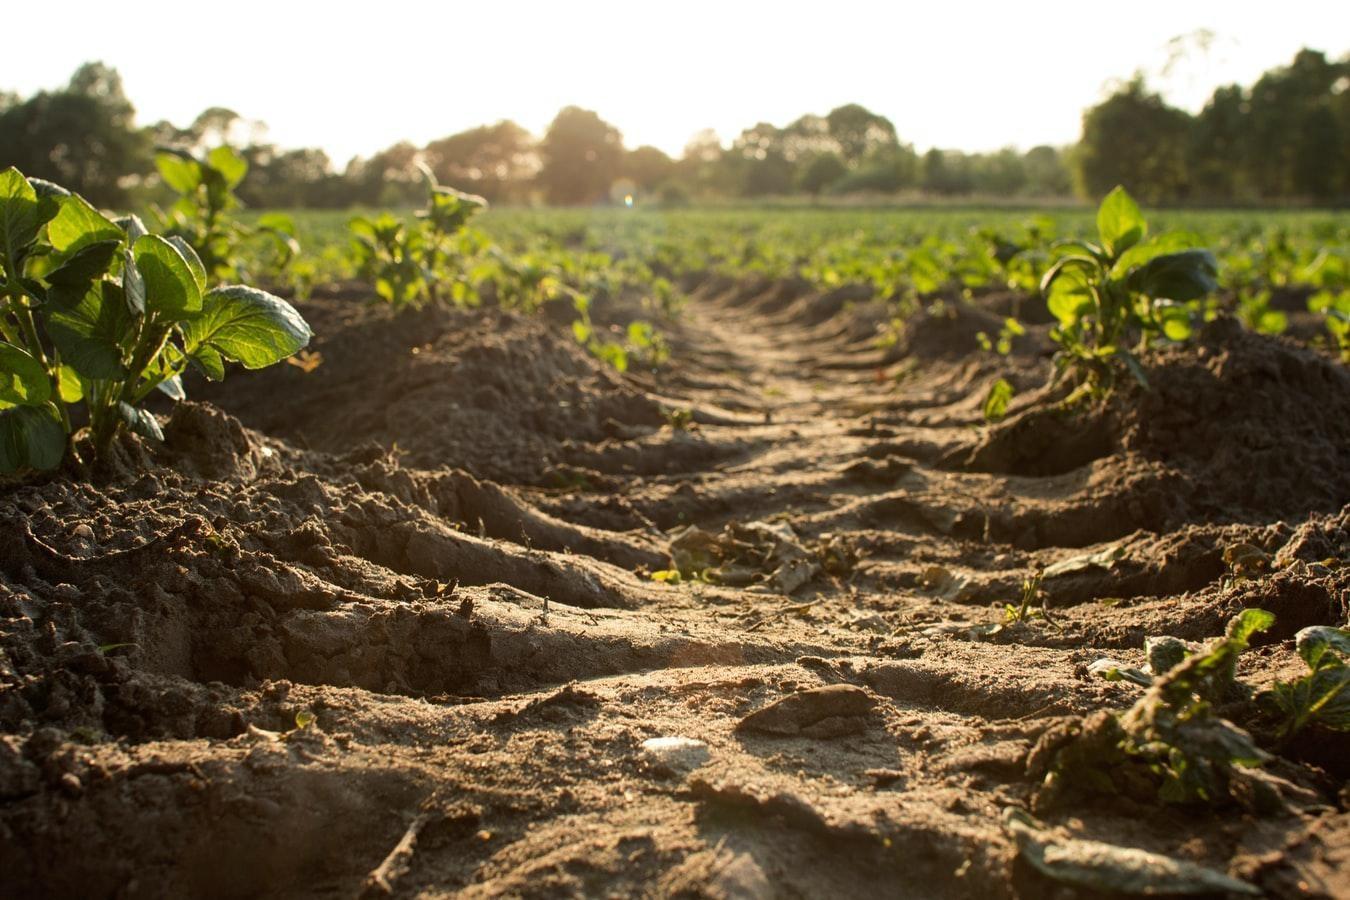 Without-soil-to-flourish